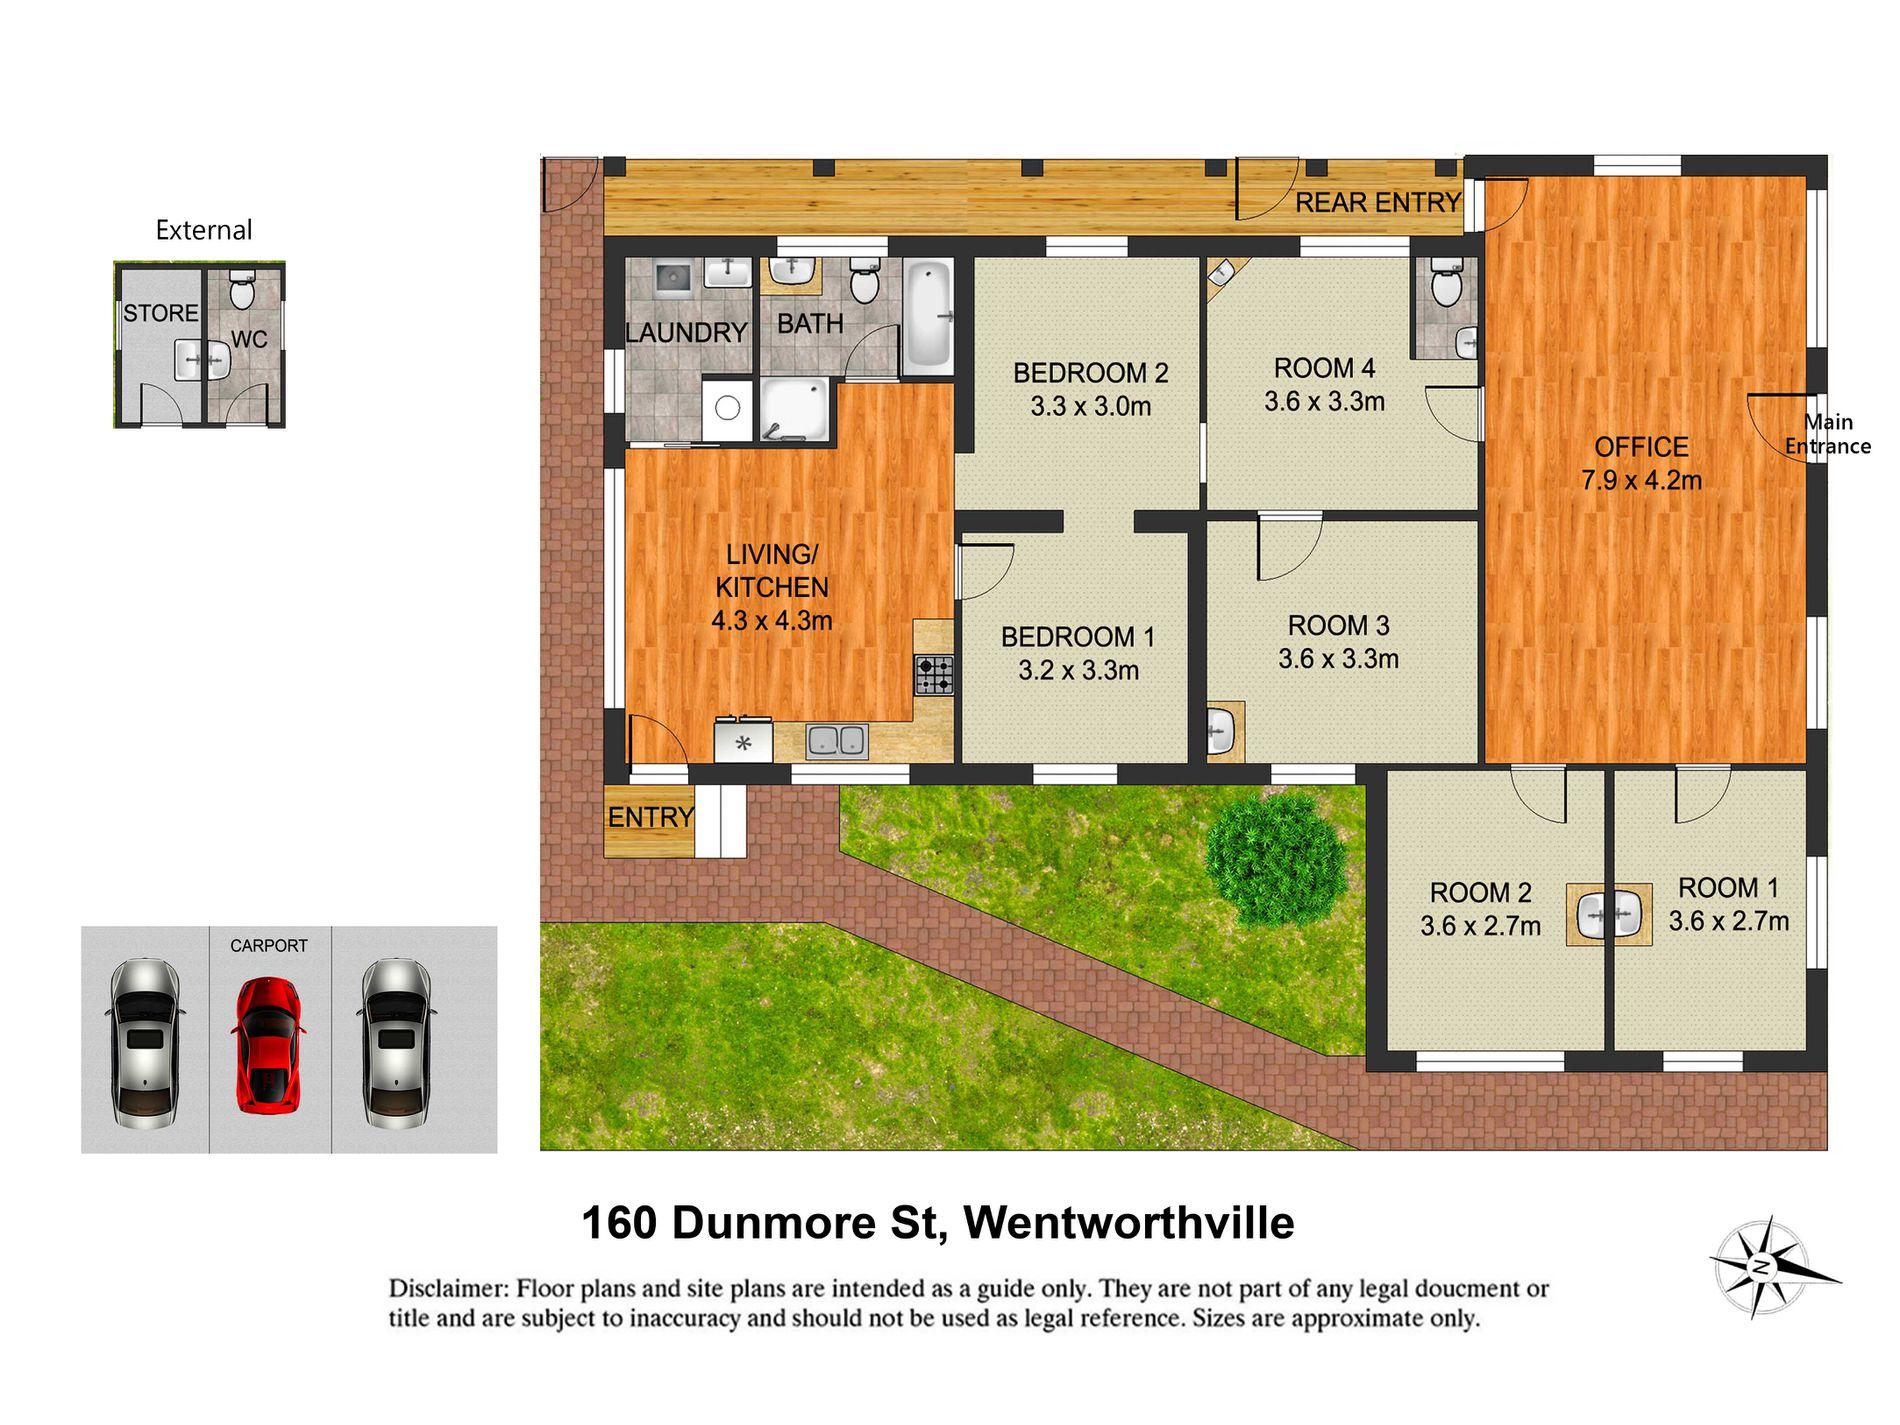 160 Dunmore Street, Wentworthville